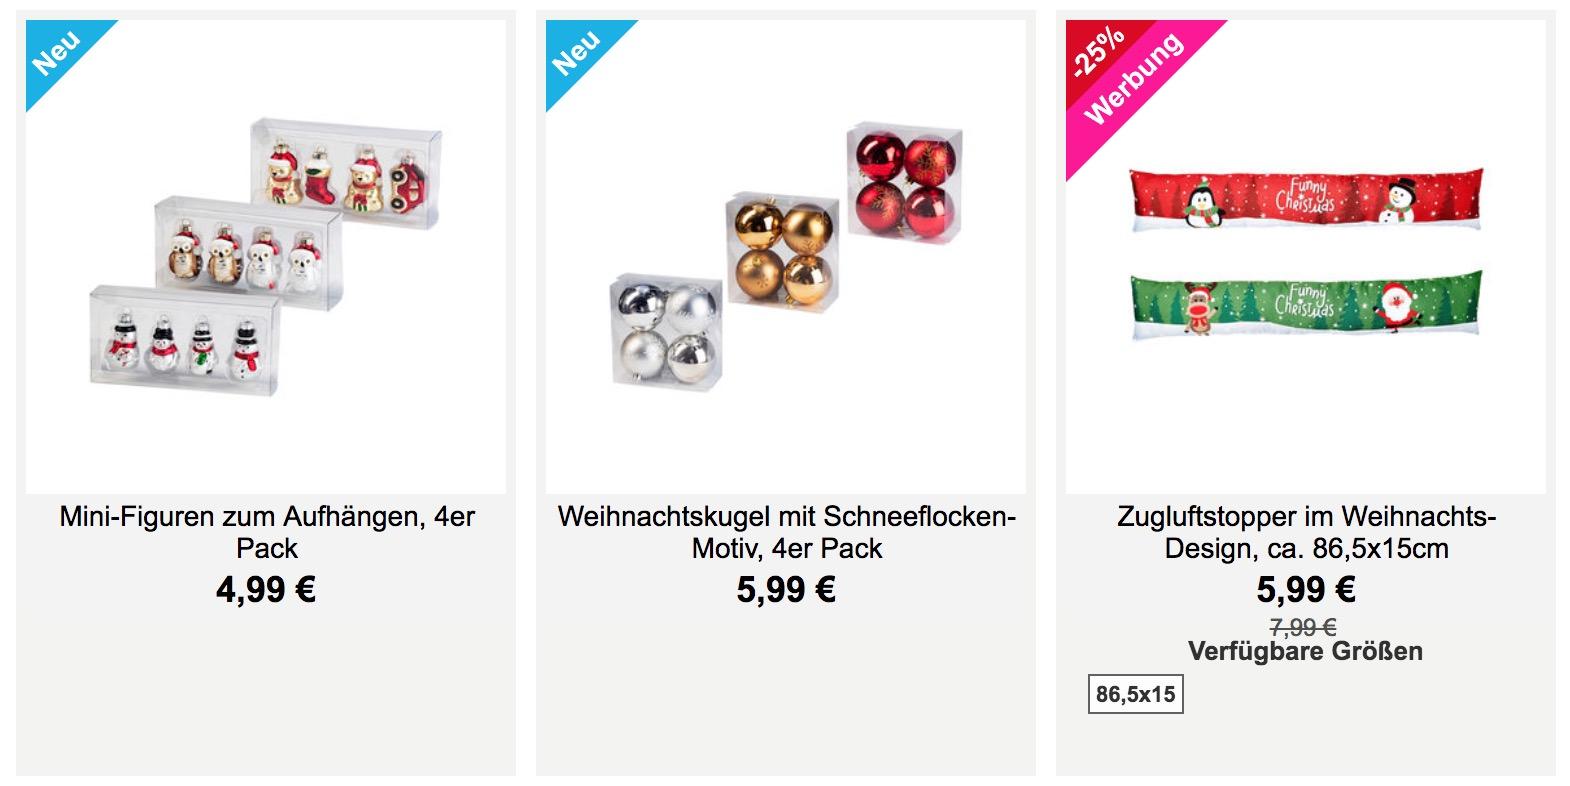 Weihnachtsdeko Nkd.30 Rabatt Auf Weihnachtsdeko Strumpfwaren Und Young Fashion Im Nkd